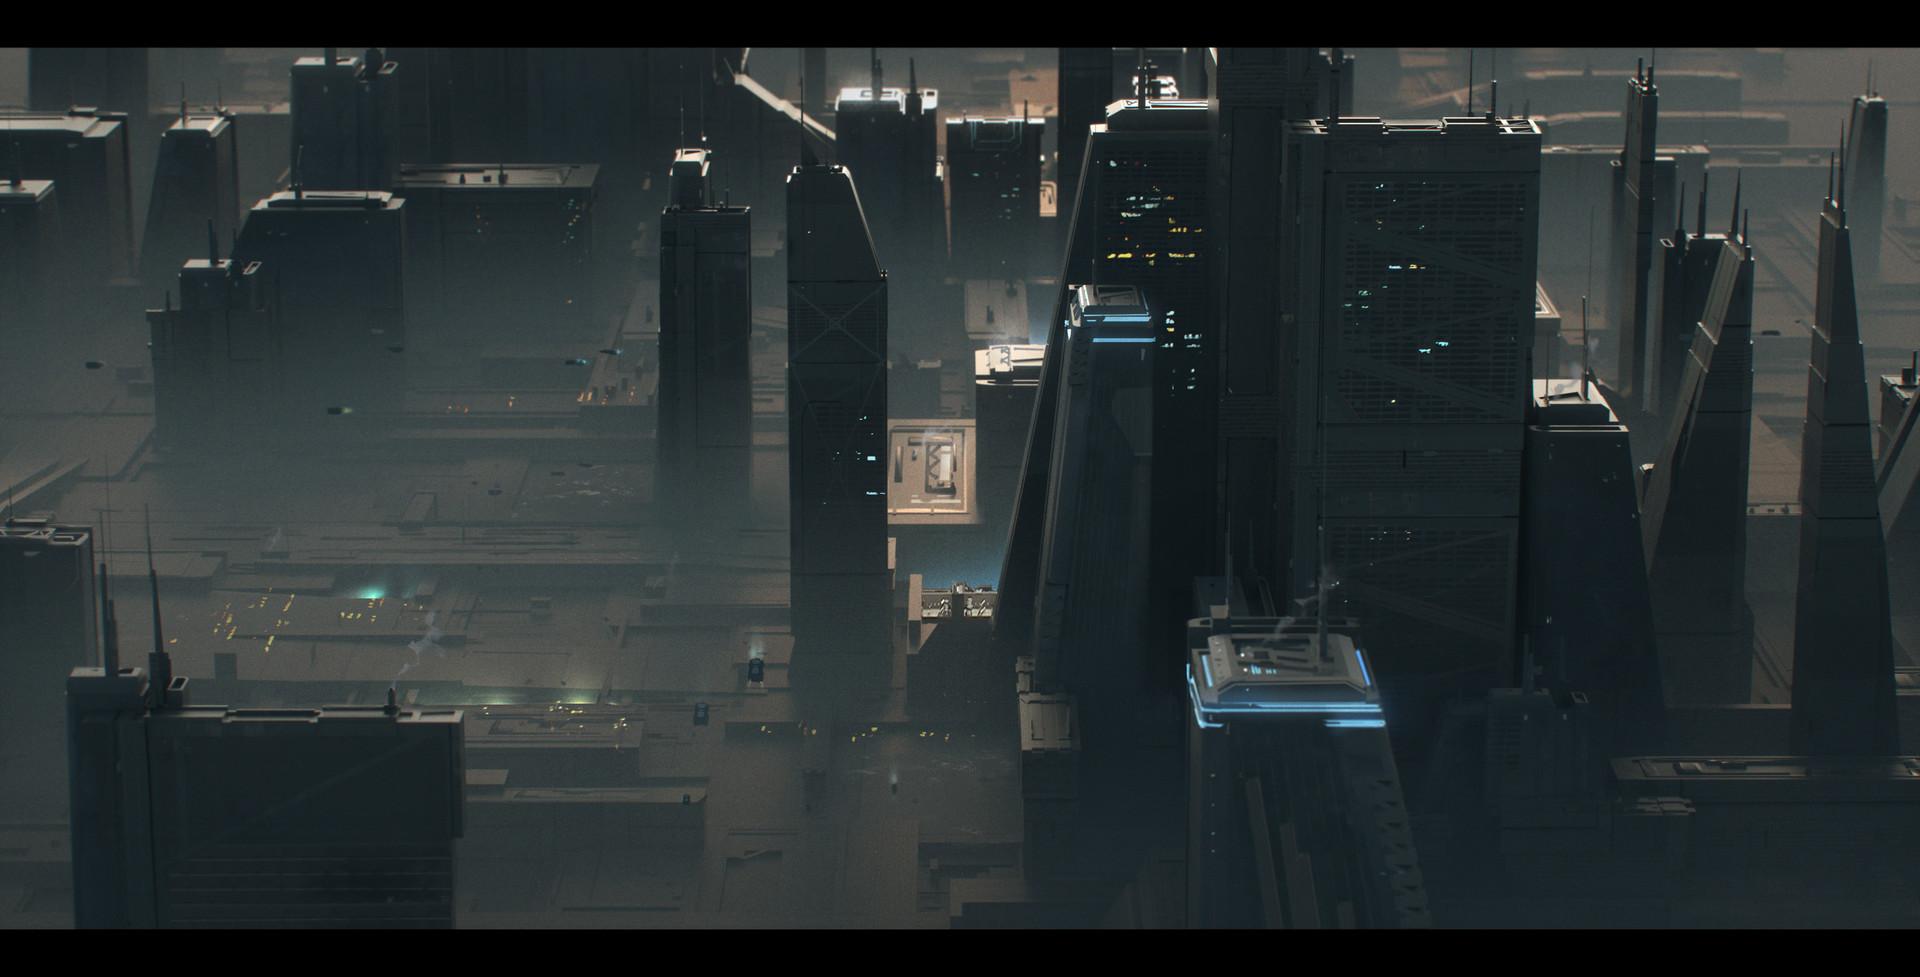 Jx saber city shot 3